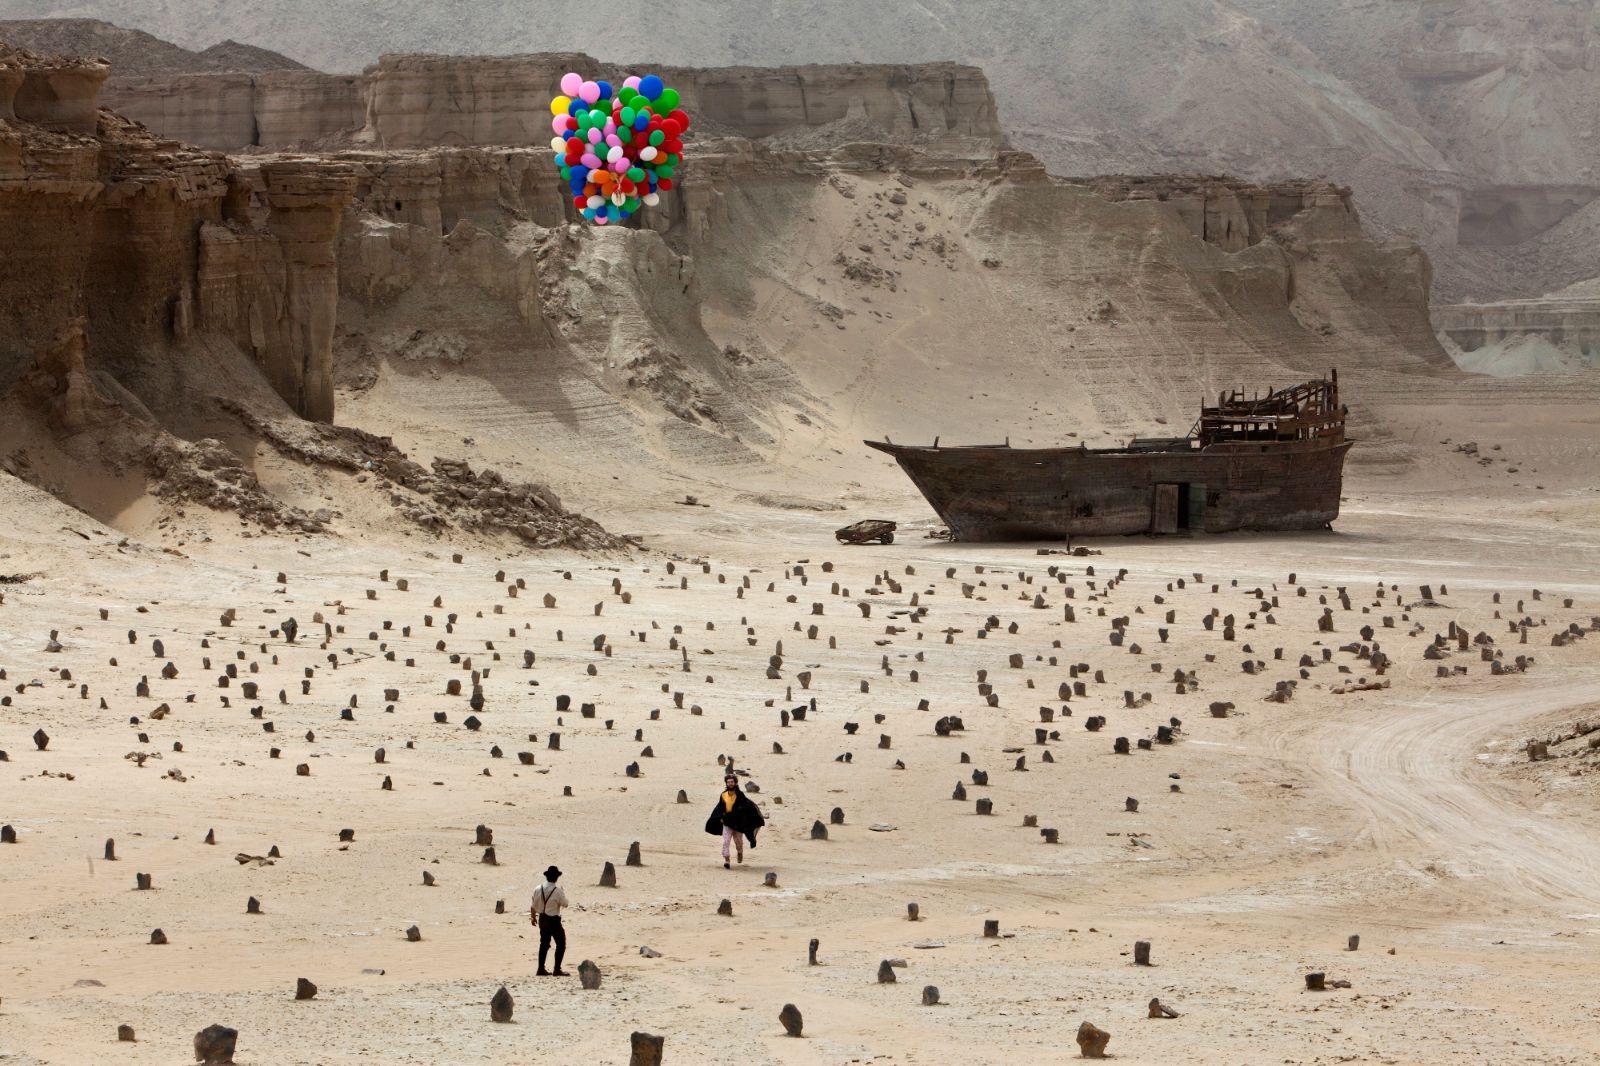 قصه های سرزمین خورشید: ده شاهکاری که از مردم خوزستان میگویند ـ قسمت دوم